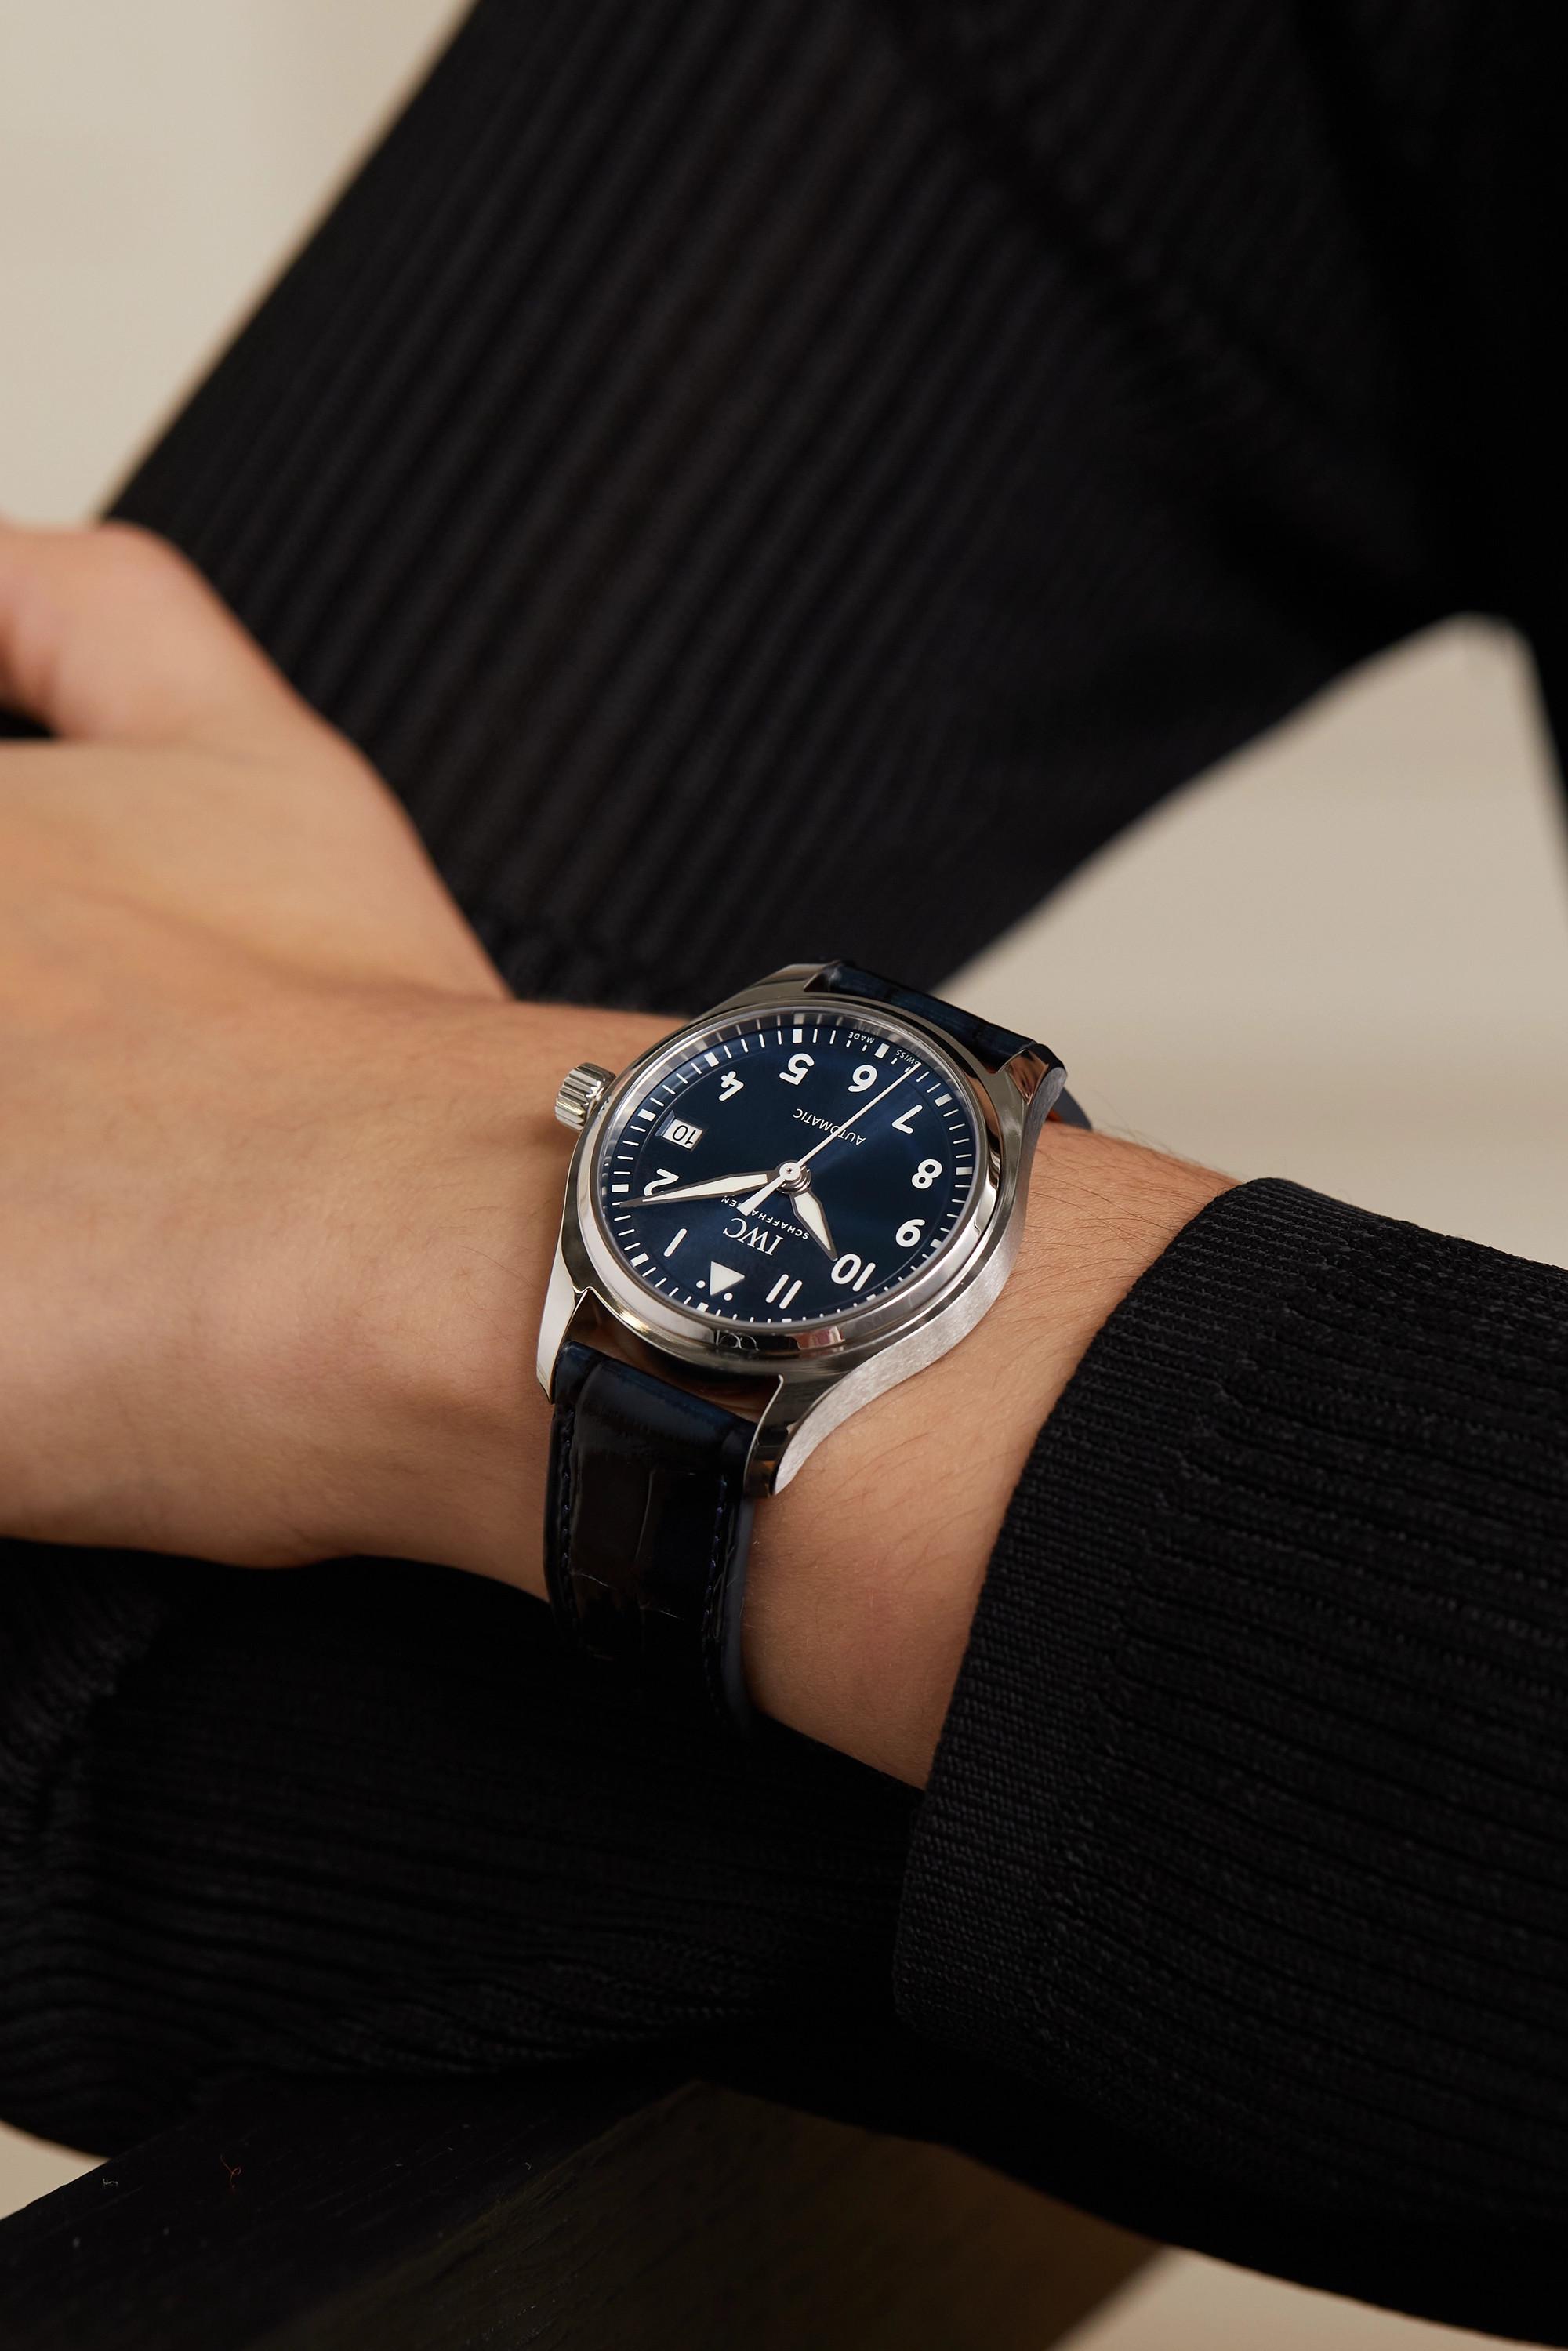 IWC SCHAFFHAUSEN Montre d'aviateur en acier inoxydable à bracelet en alligator Automatic 36 mm